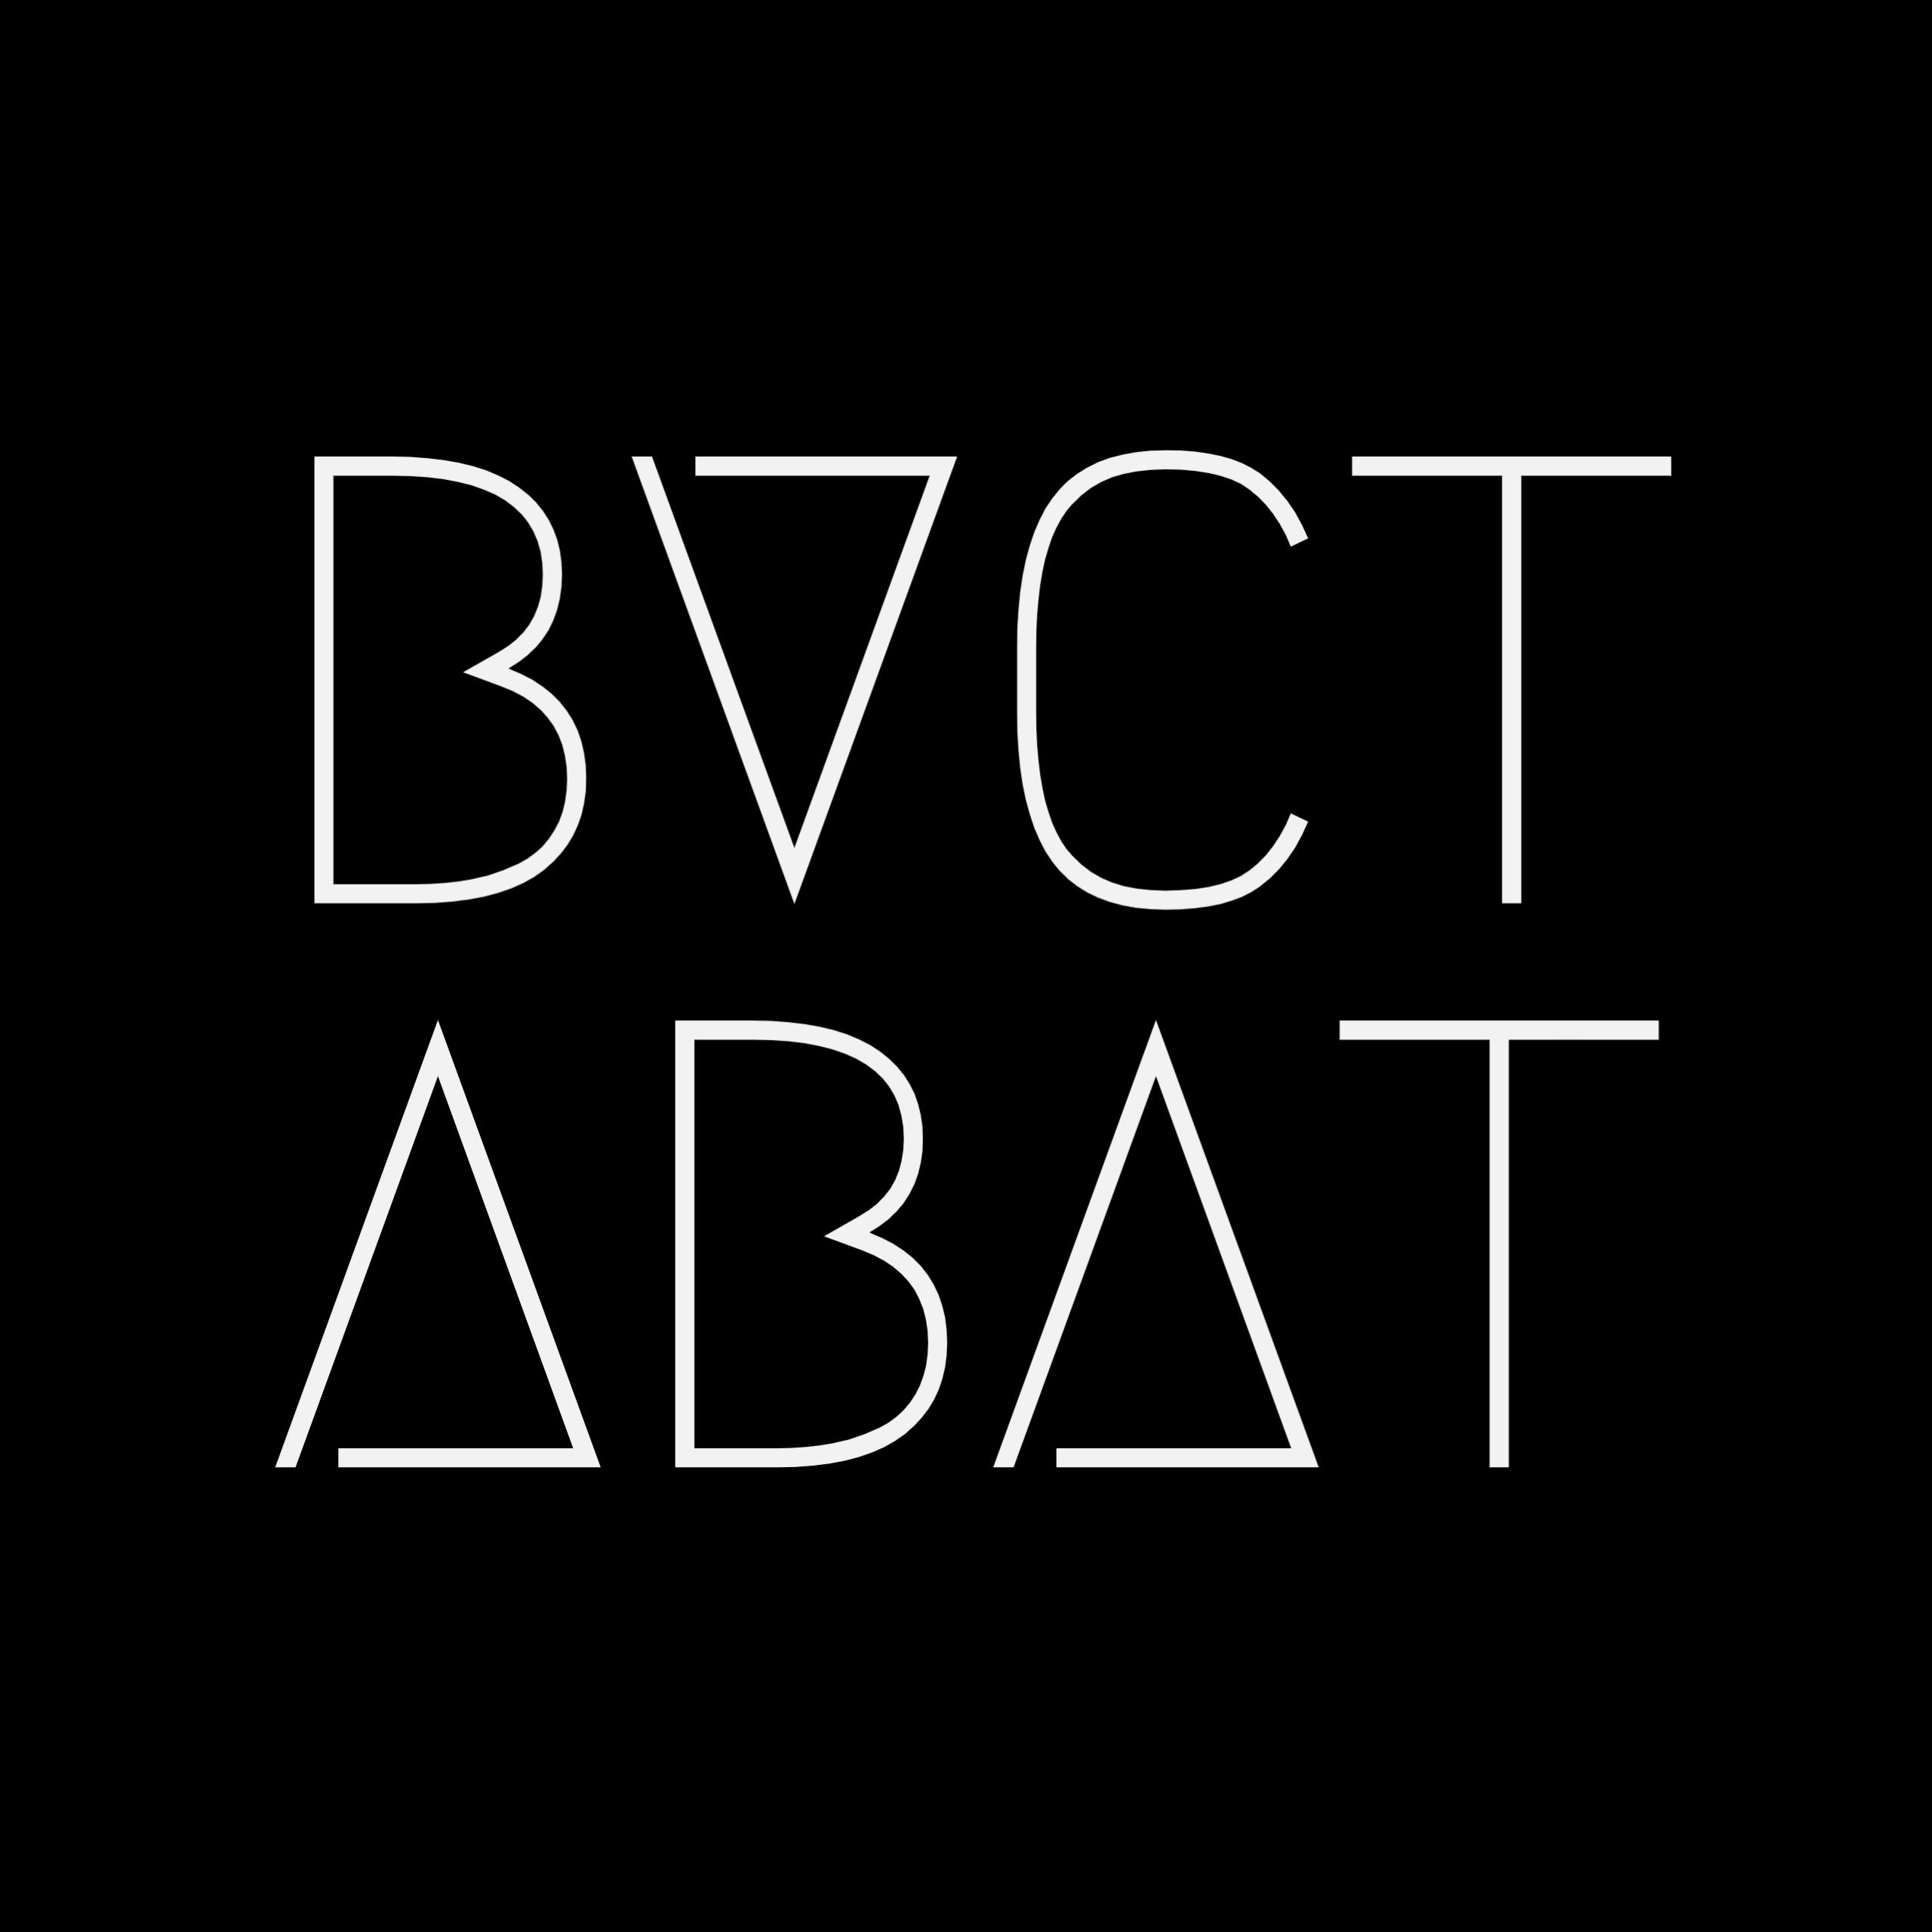 BVCT-ABAT